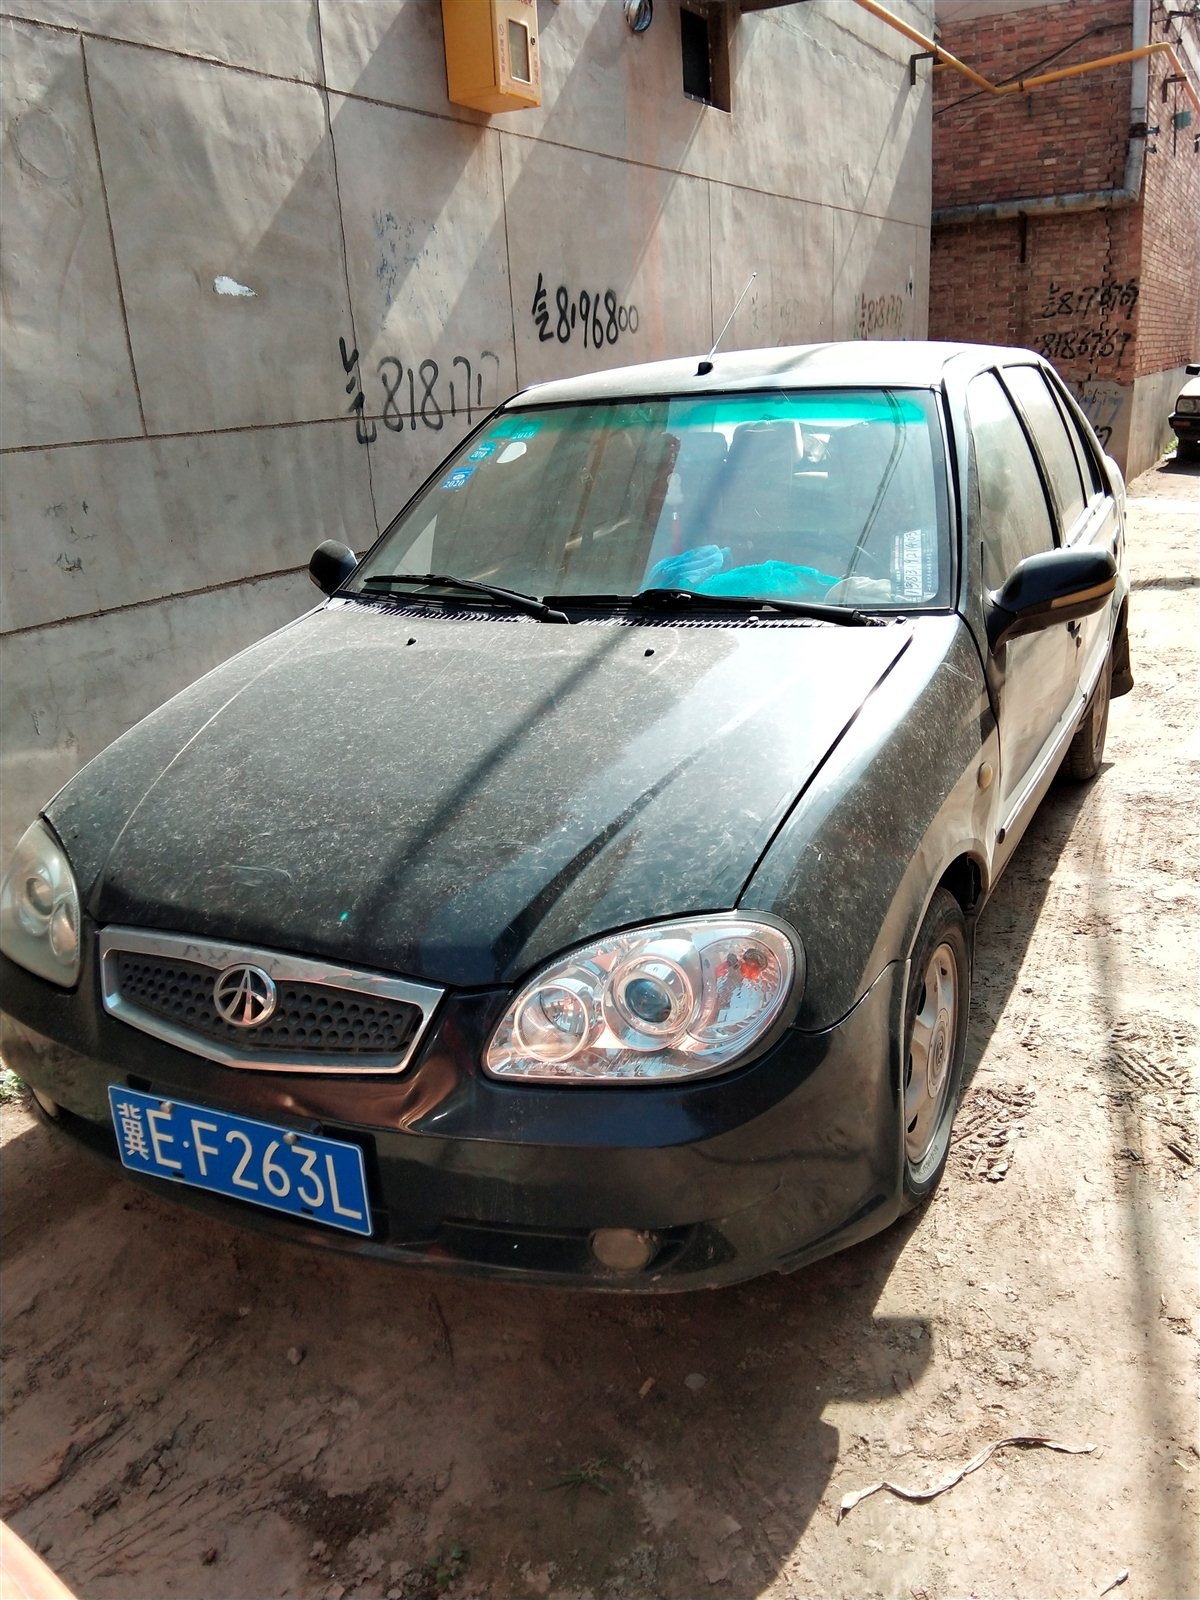 09年夏利轿车出售价格4500元